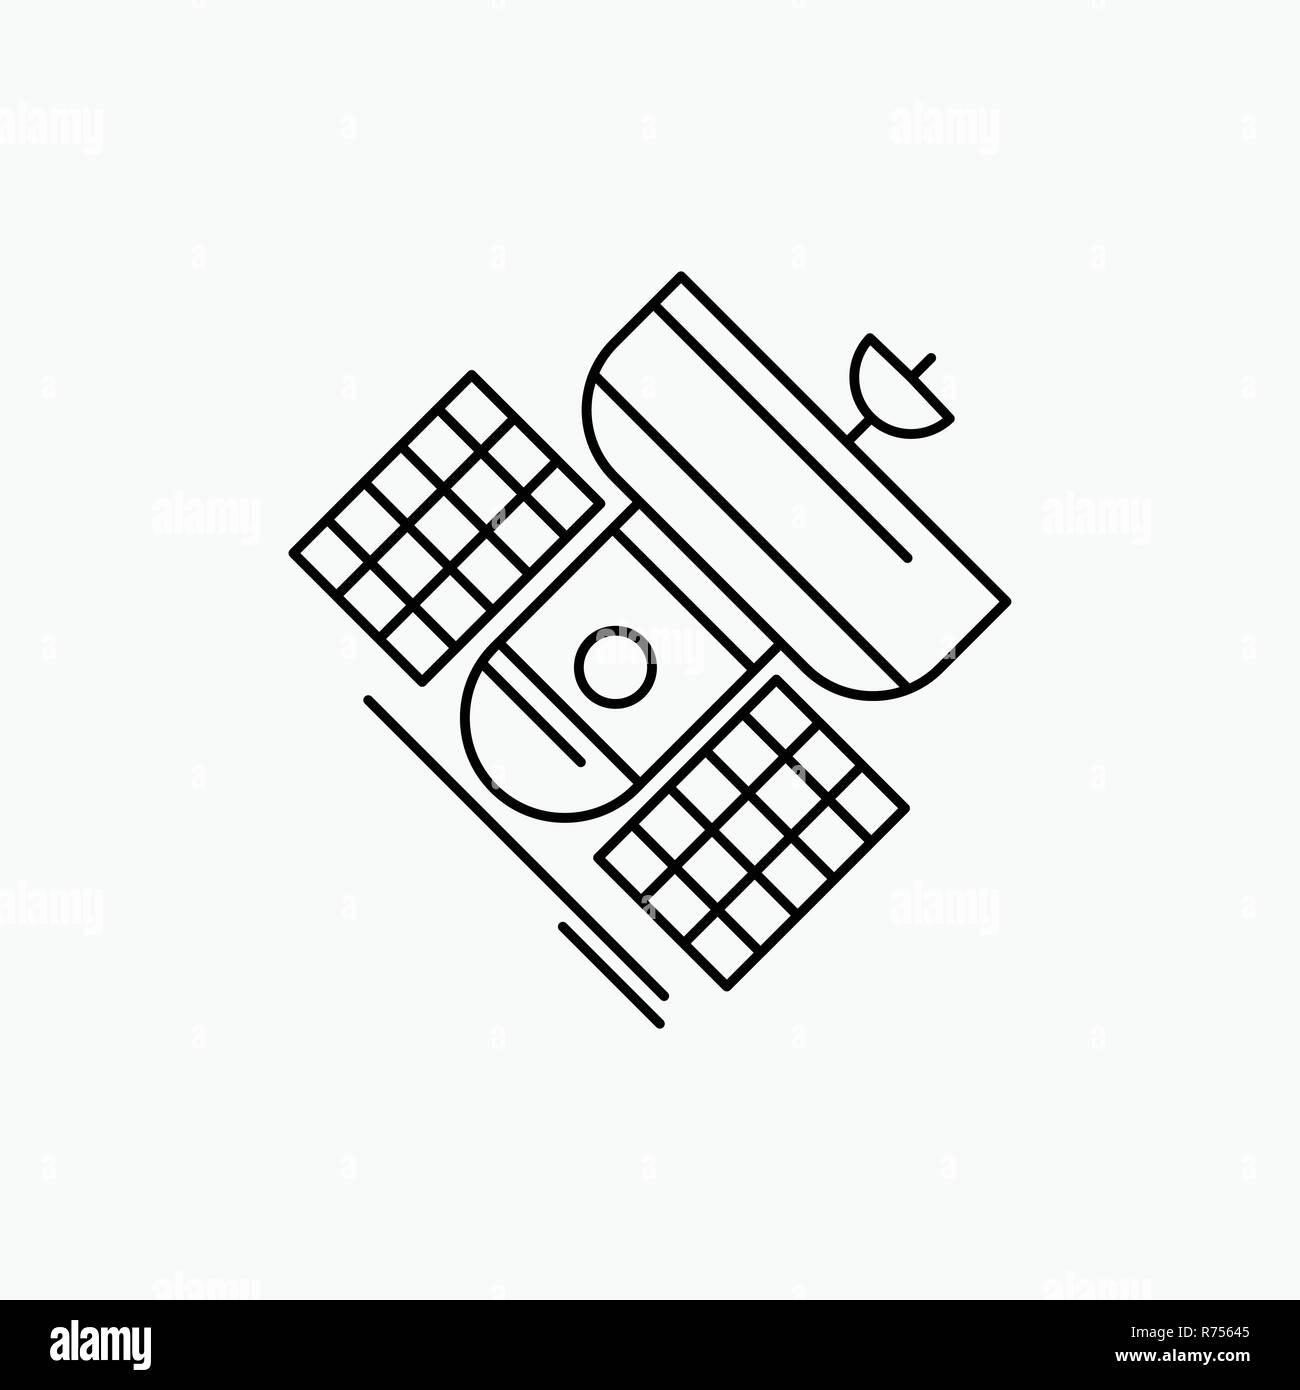 Broadcast, broadcasting, communication, satellite, telecommunication Line Icon. Vector isolated illustration - Stock Image